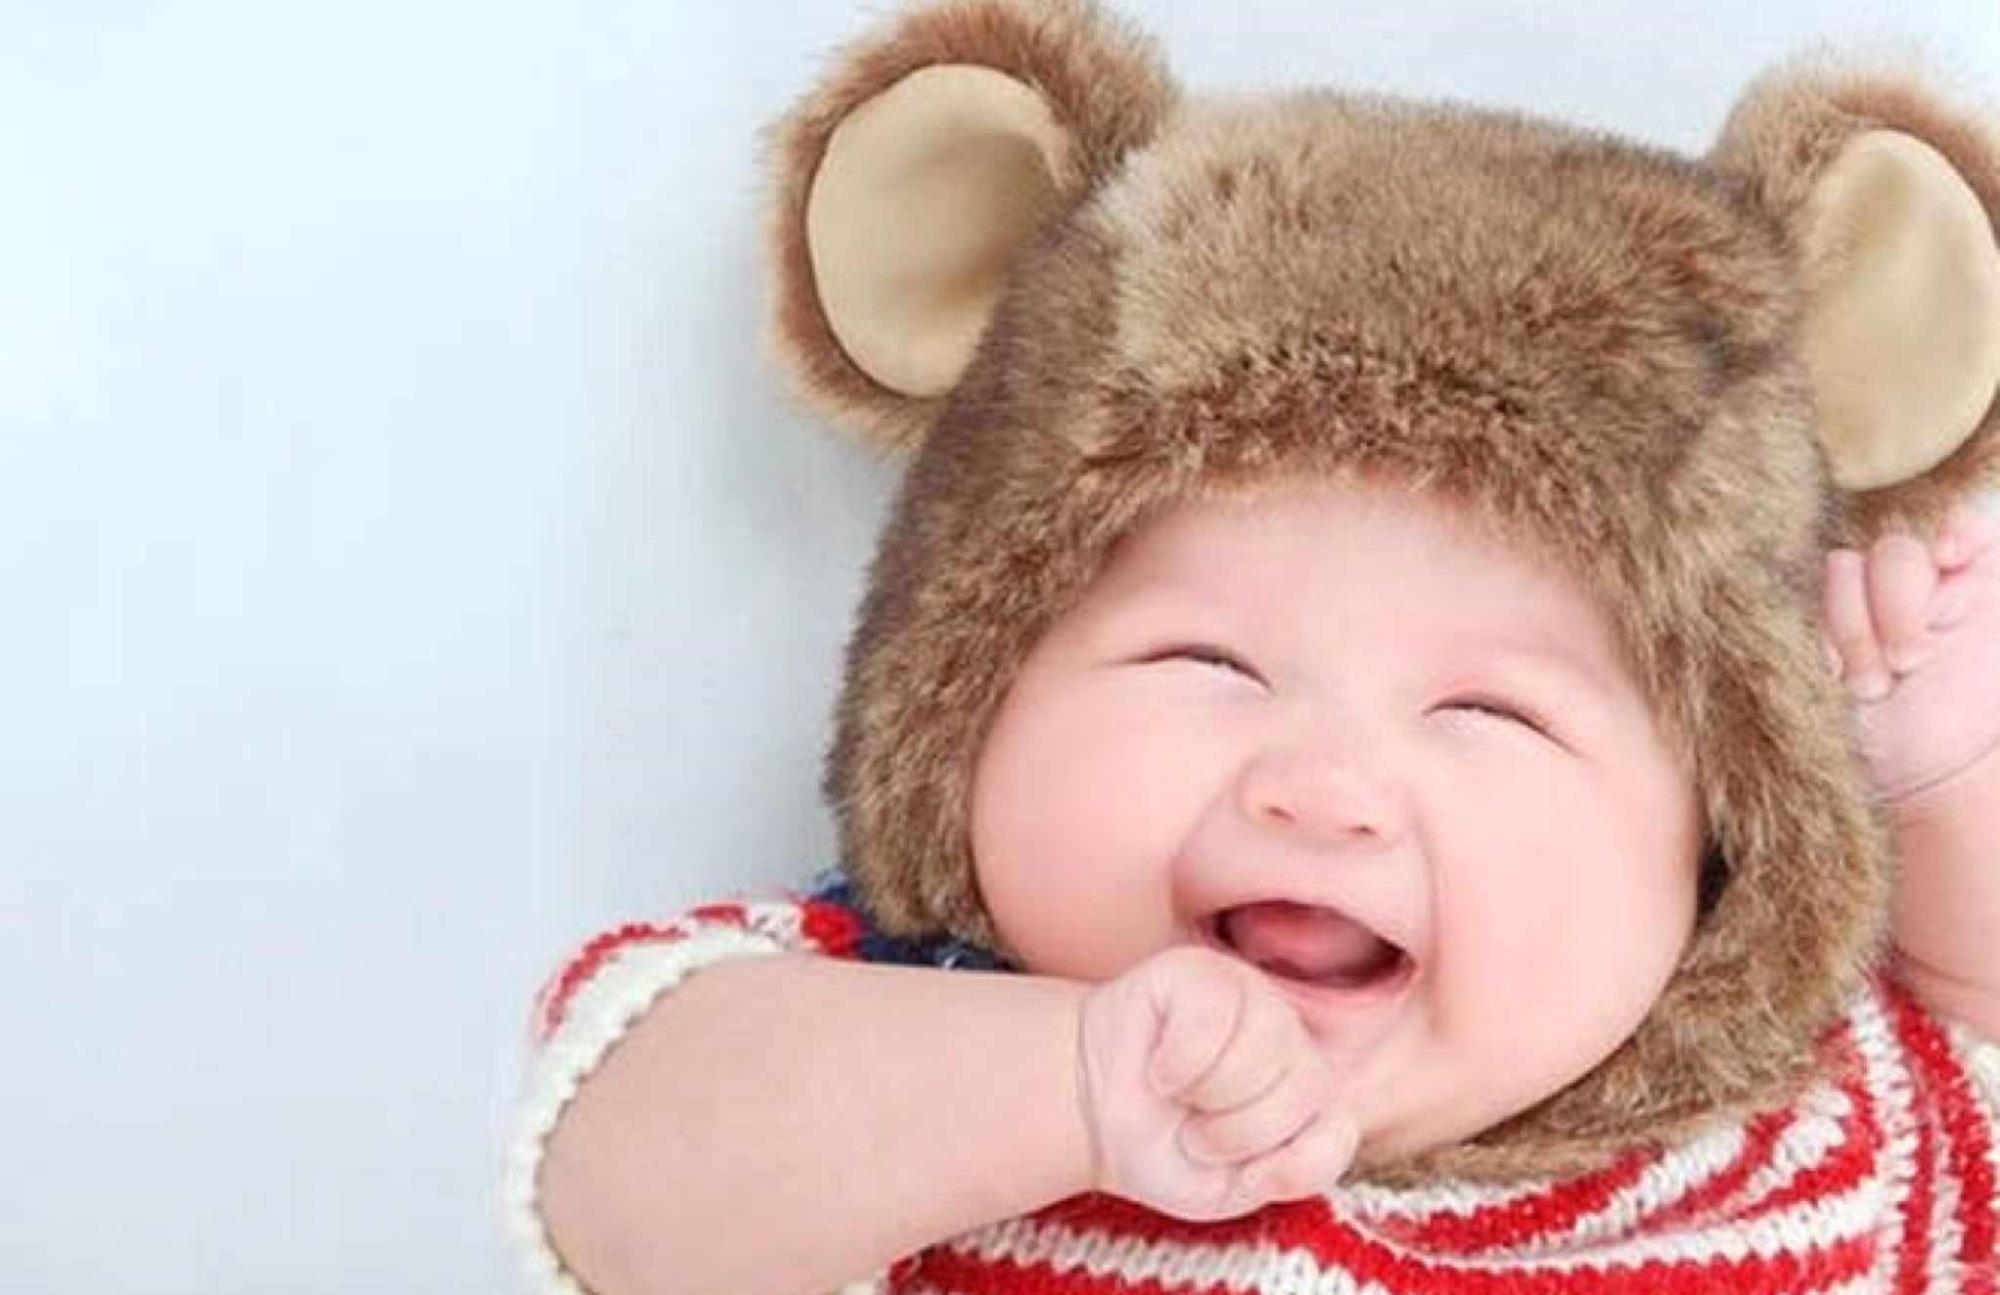 Khi mang thai, nếu muốn trẻ sinh ra có IQ cao không nên bỏ qua 3 yếu tố này! - Ảnh 1